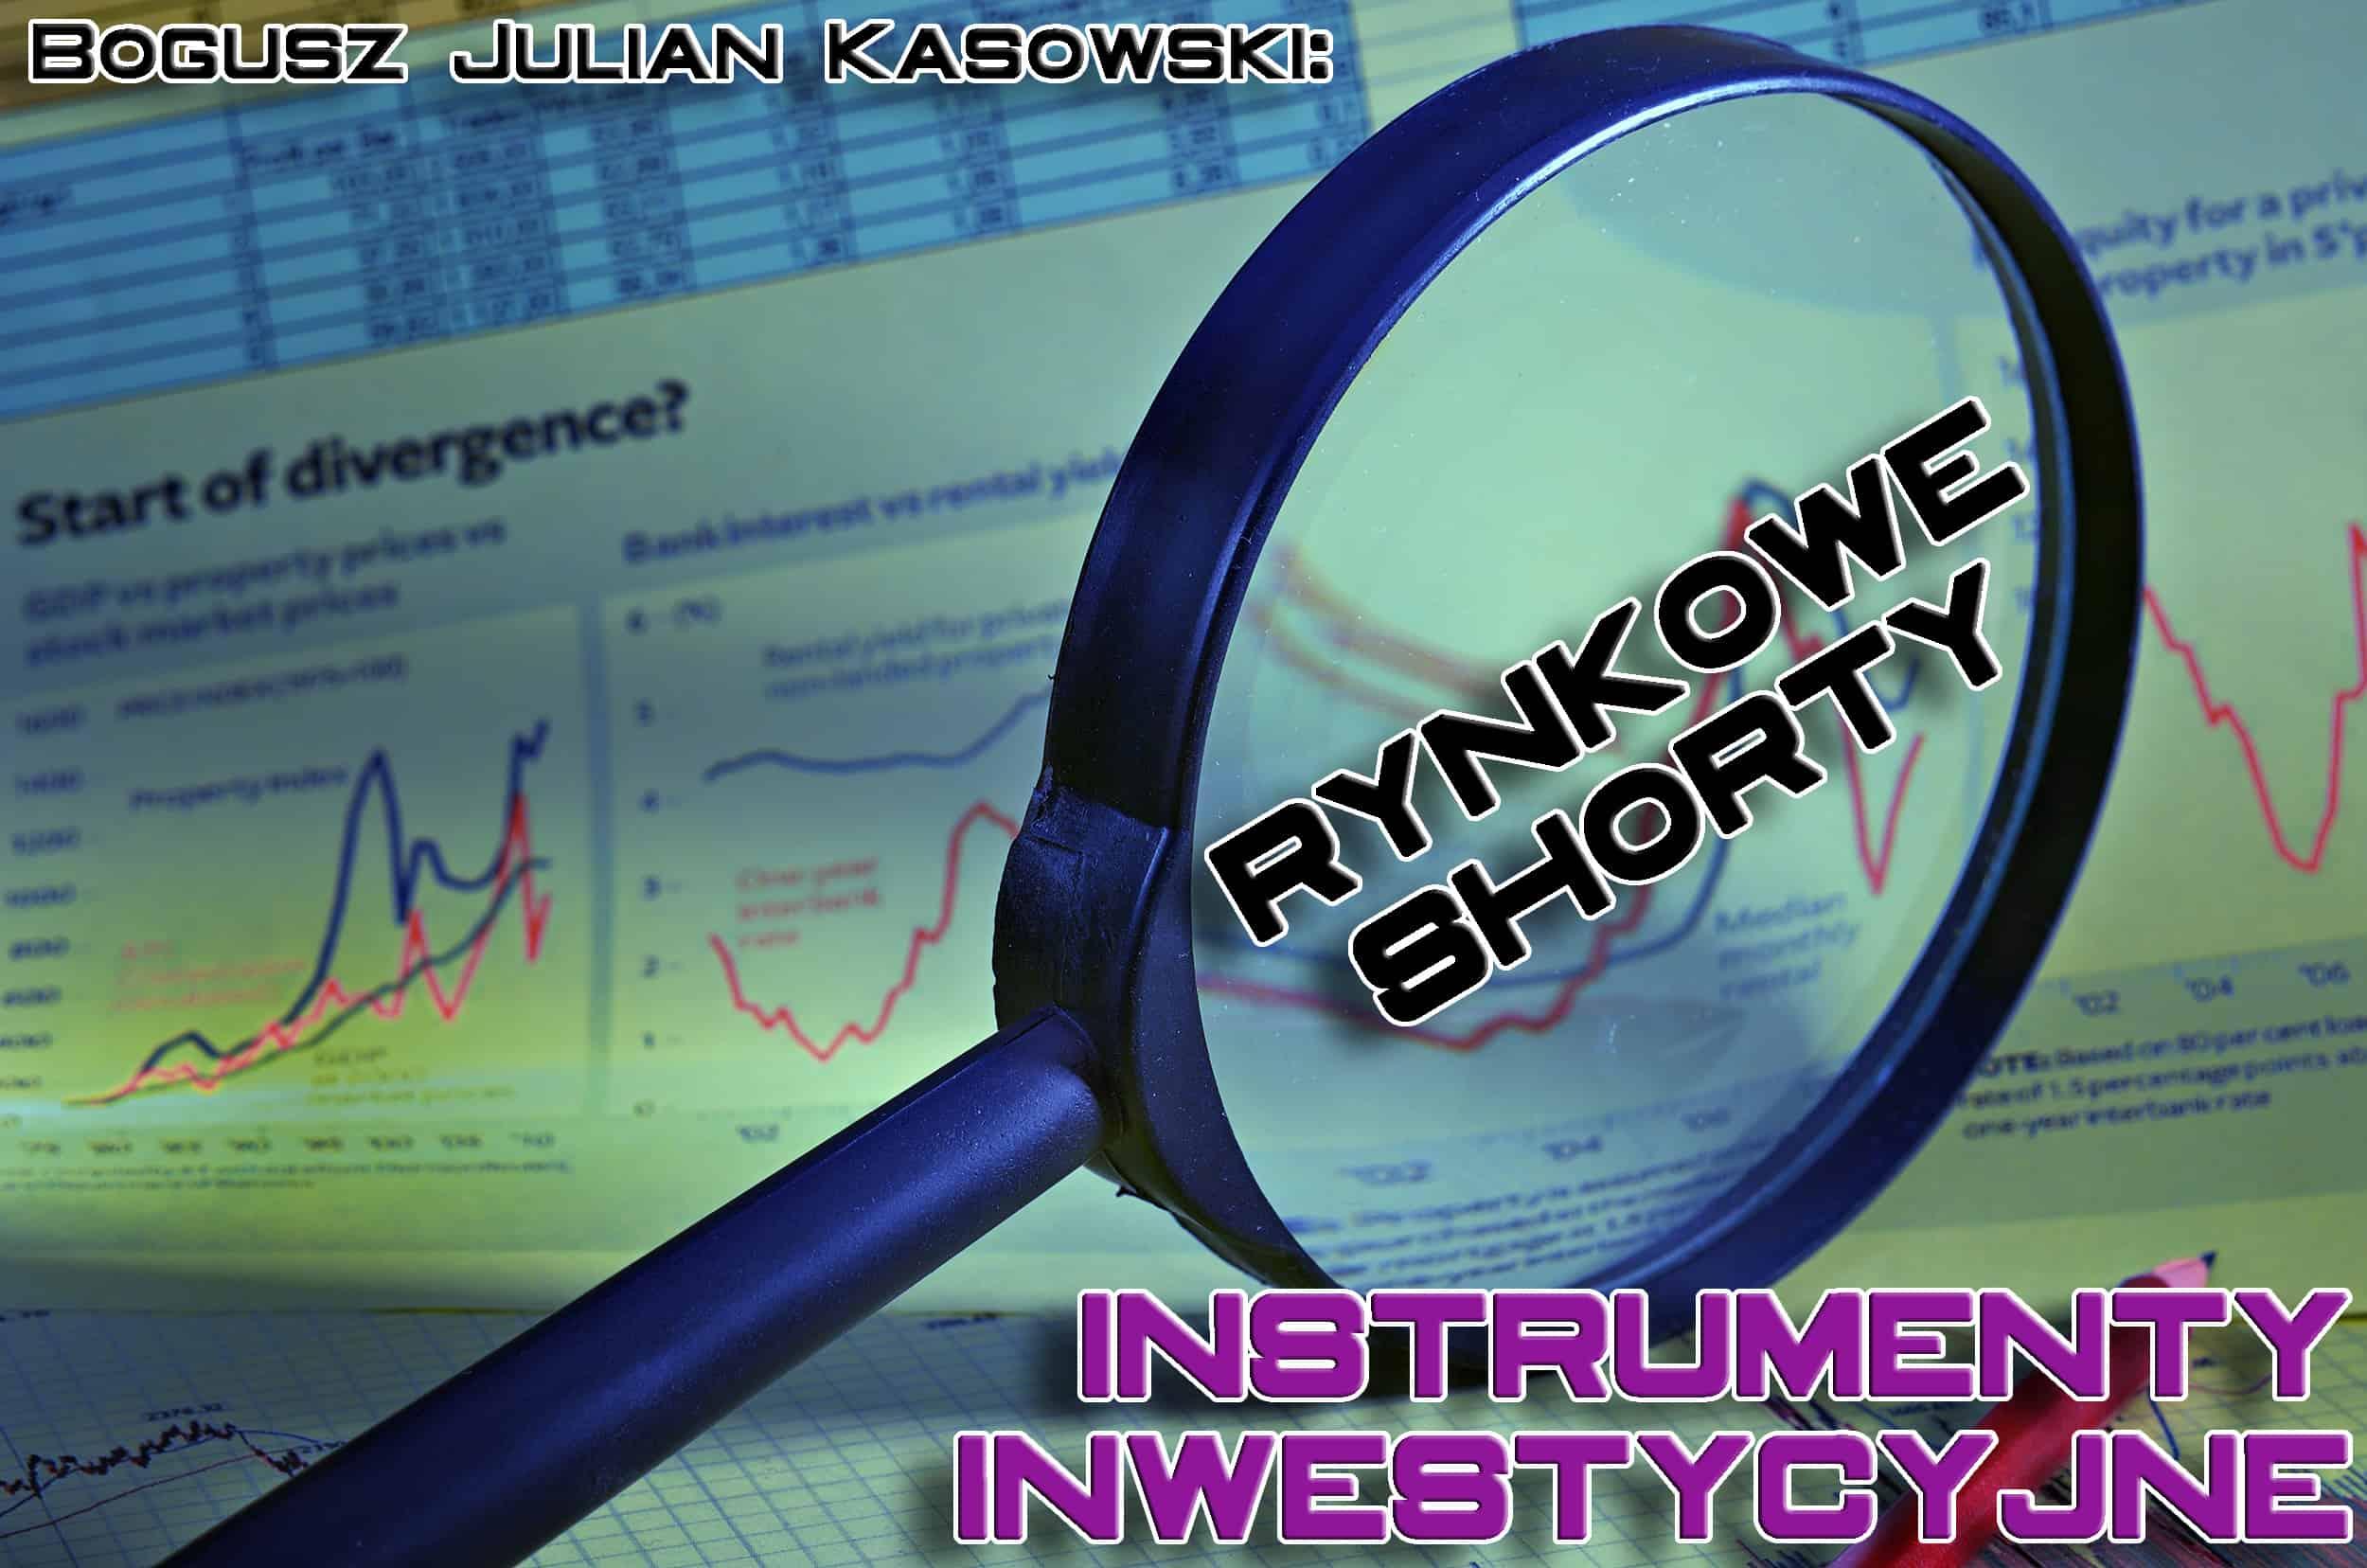 rynkowe shorty epizod 6 - instrumenty inwestycyjne